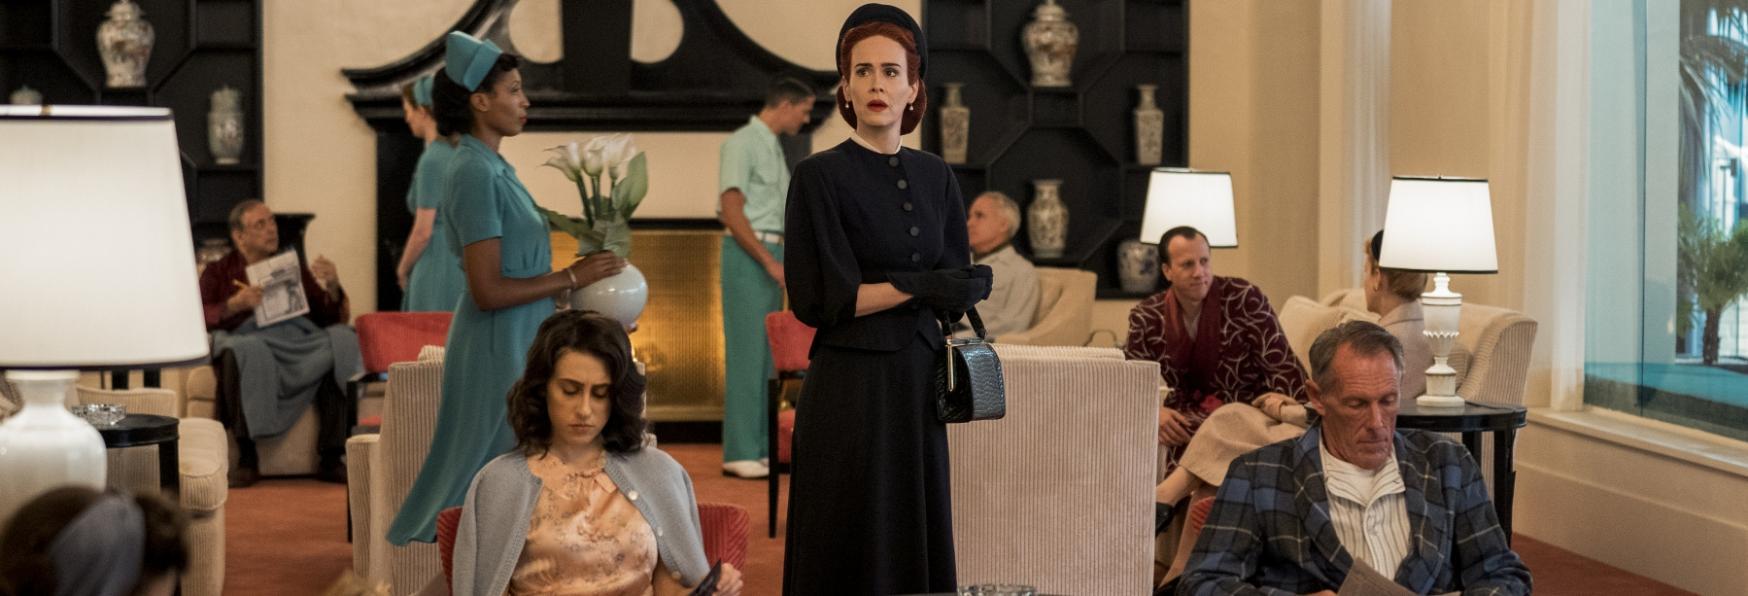 Ratched: la Data di Uscita della nuova Serie TV Netflix con Sarah Paulson